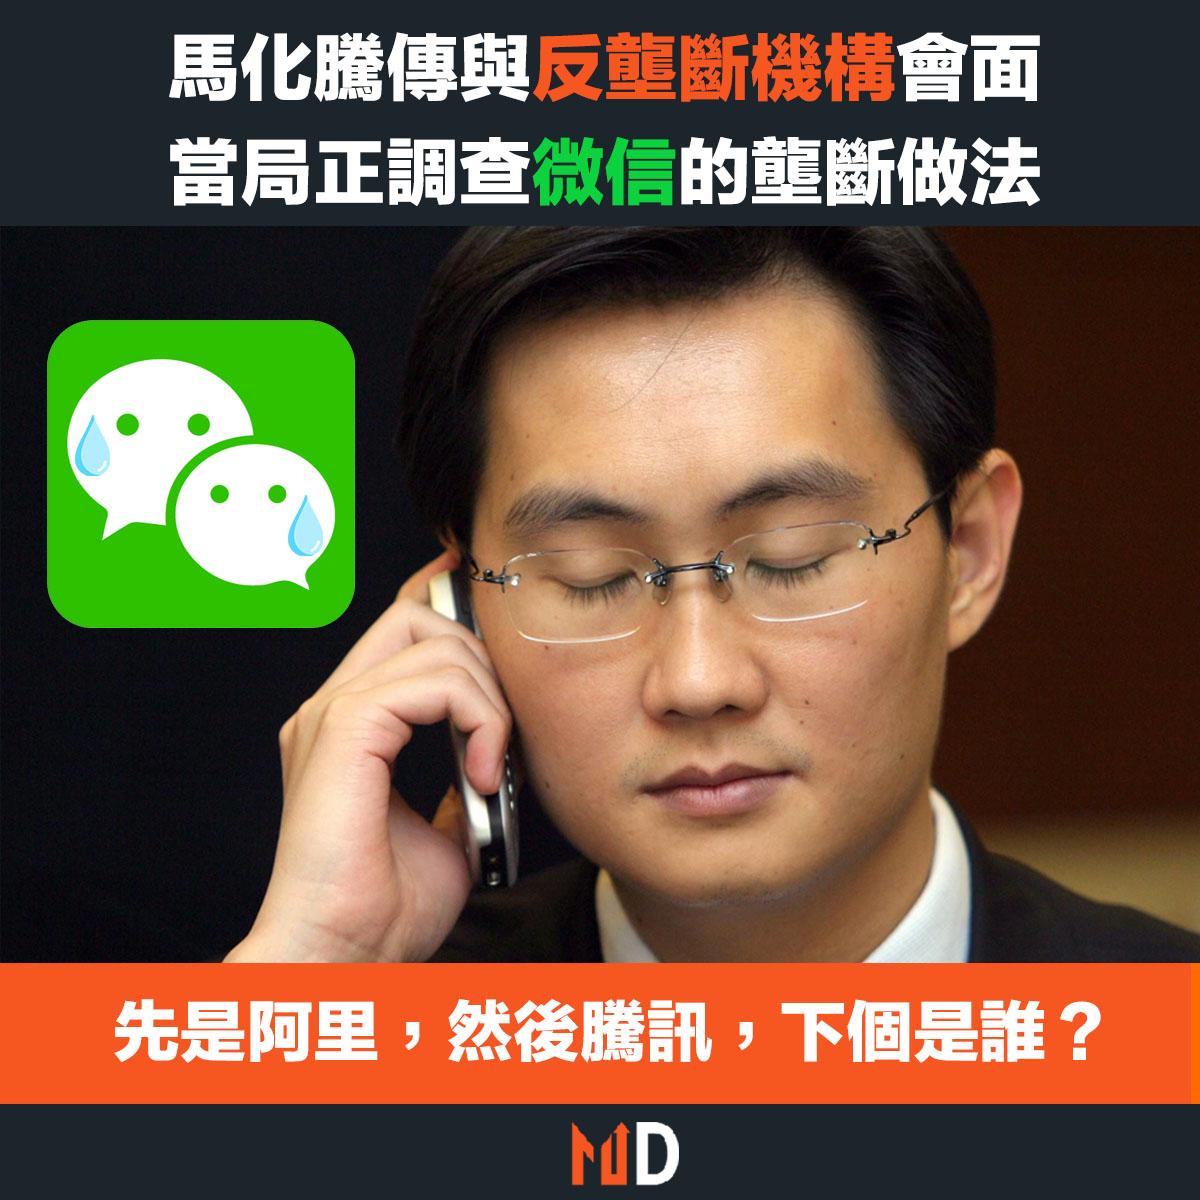 【市場熱話】馬化騰傳與反壟斷機構會面,當局正調查微信的壟斷做法